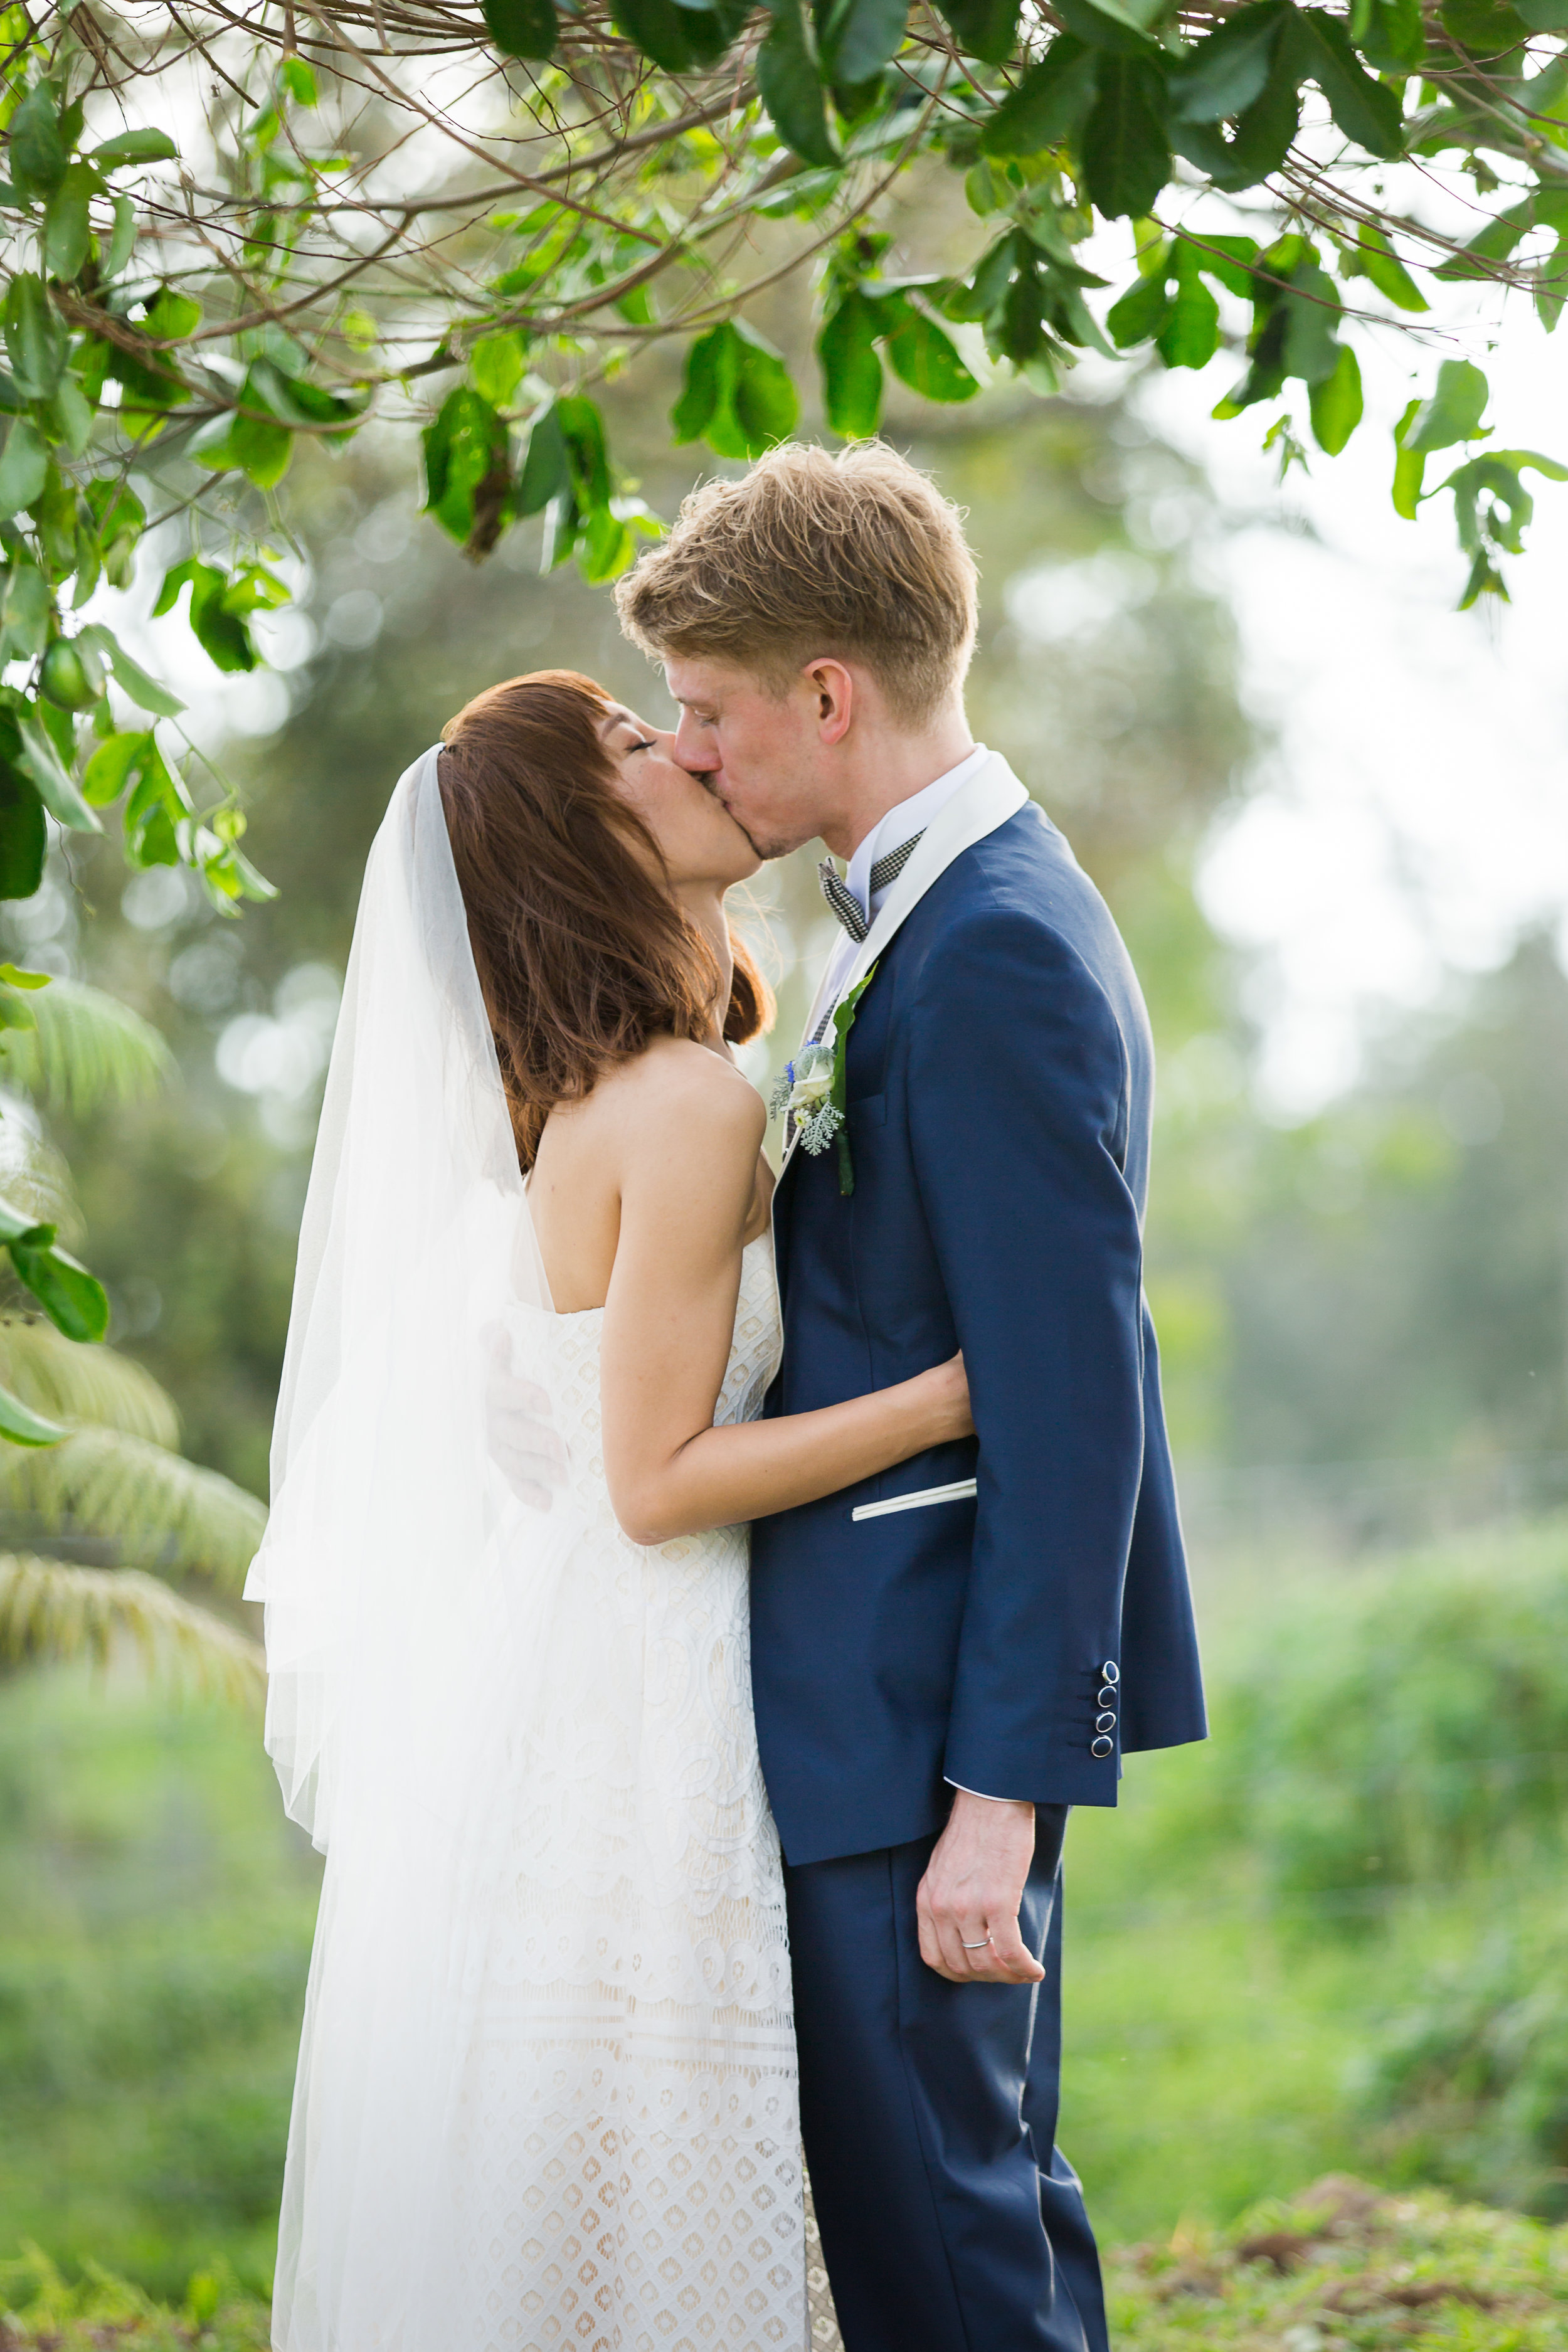 lilikoi vines wedding arbor